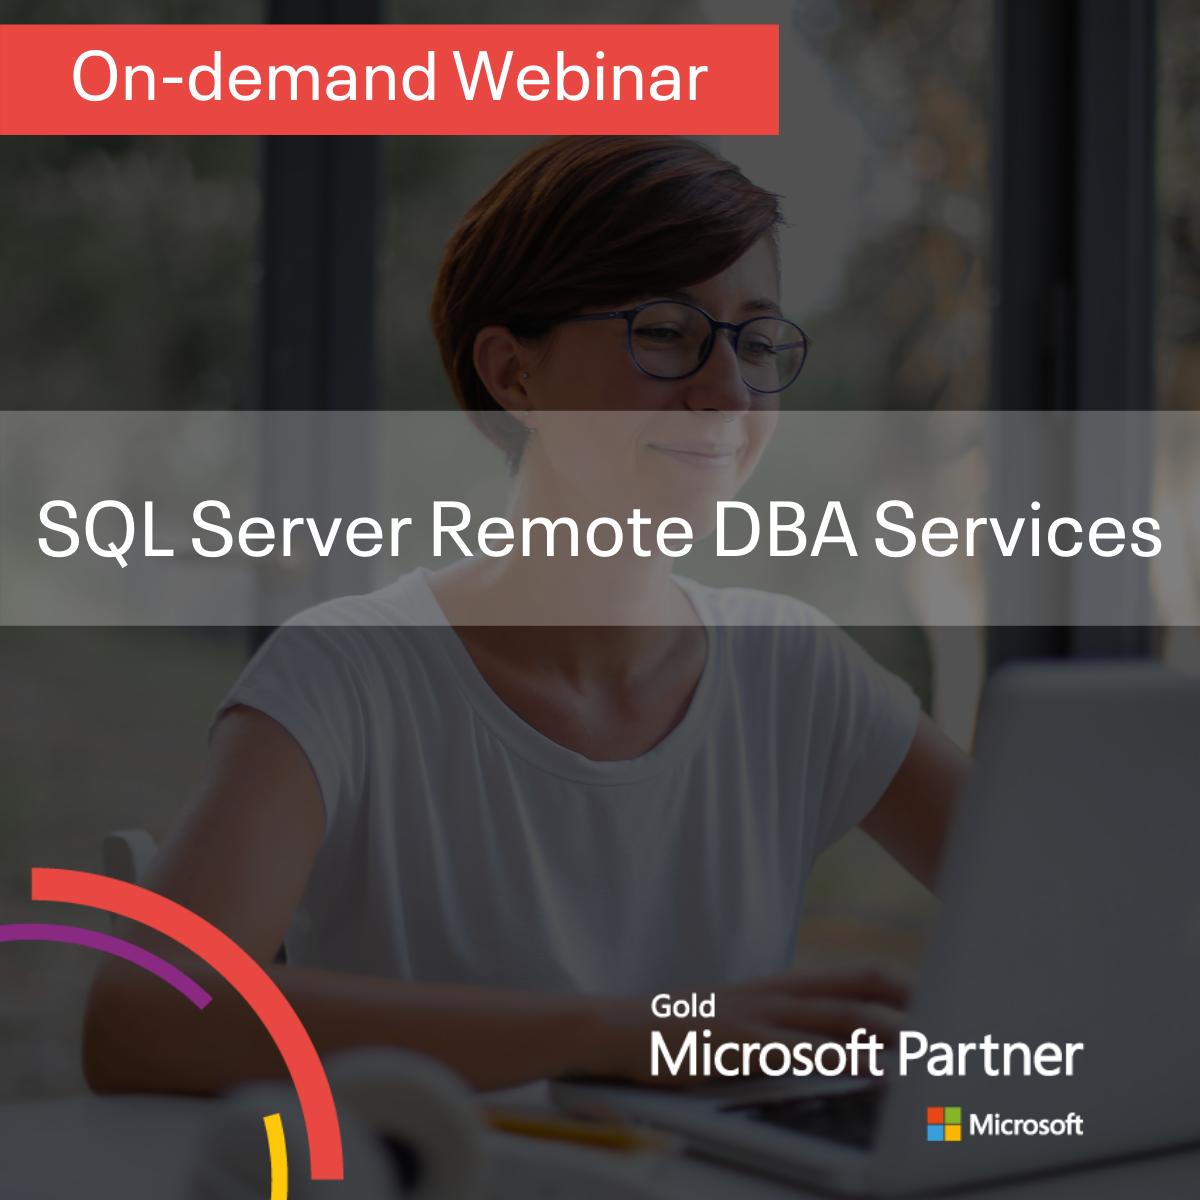 SQL Server Remote DBA Services